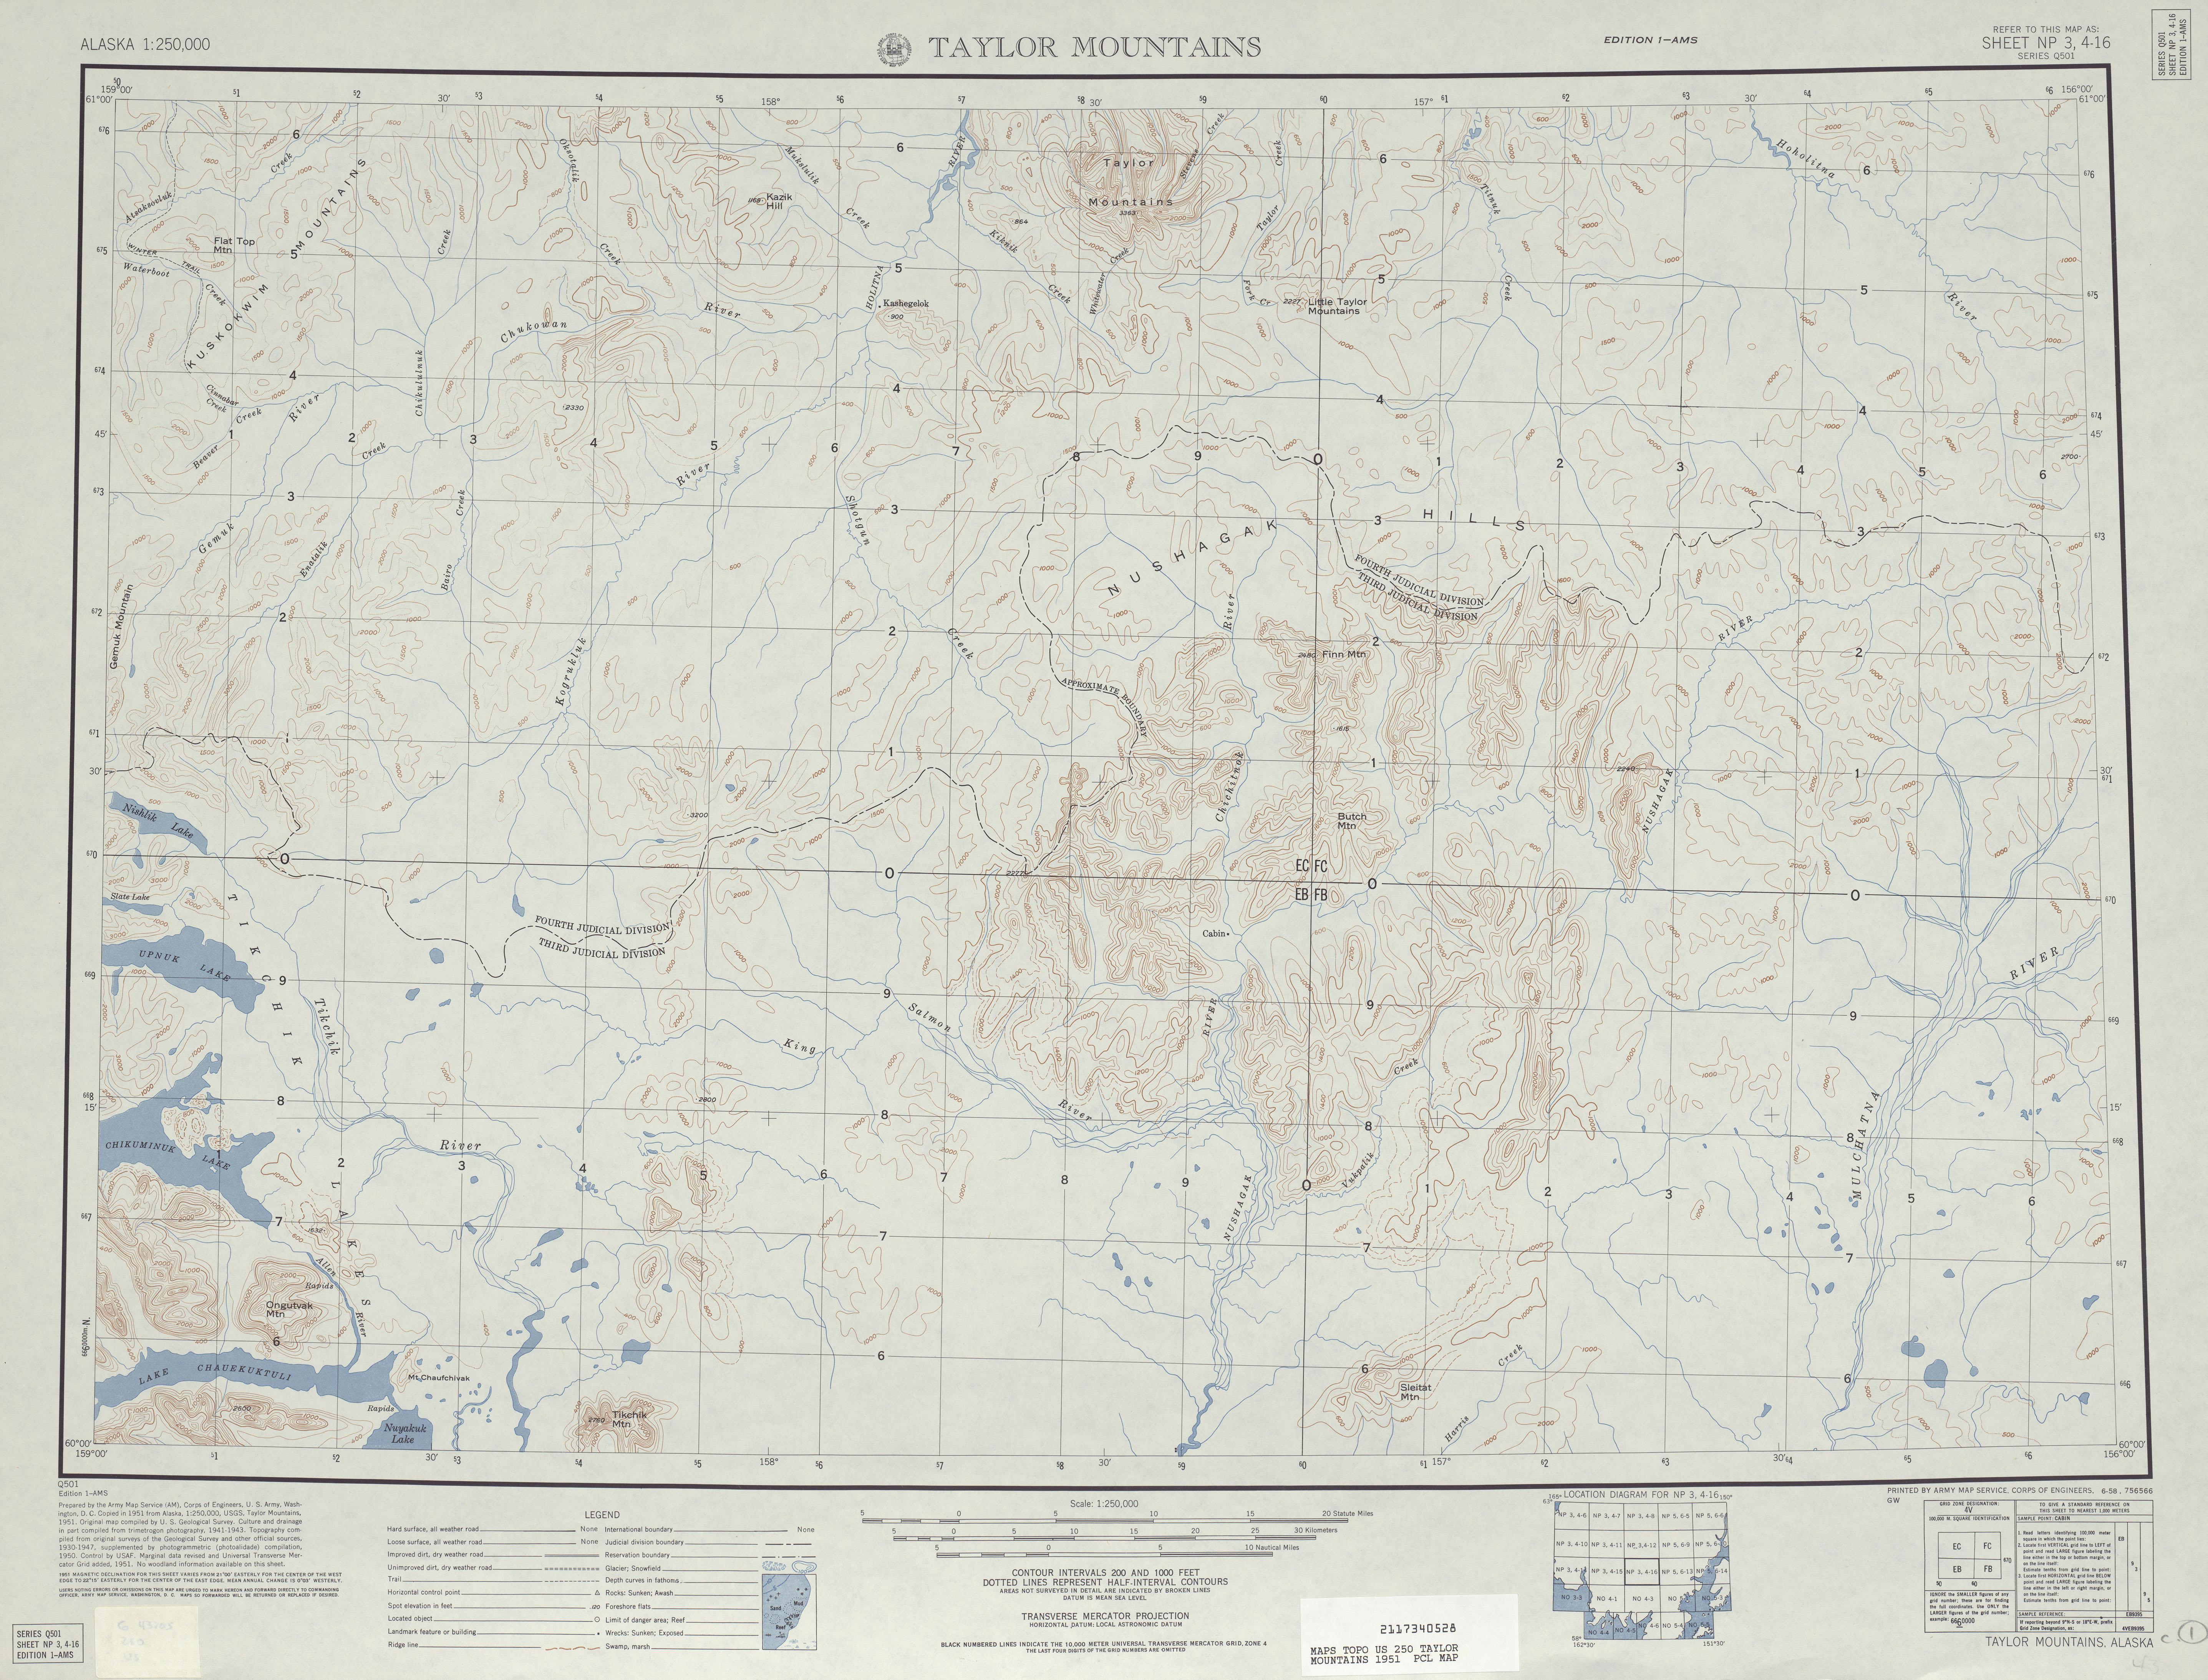 Hoja Taylor Mountains del Mapa Topográfico de los Estados Unidos 1951